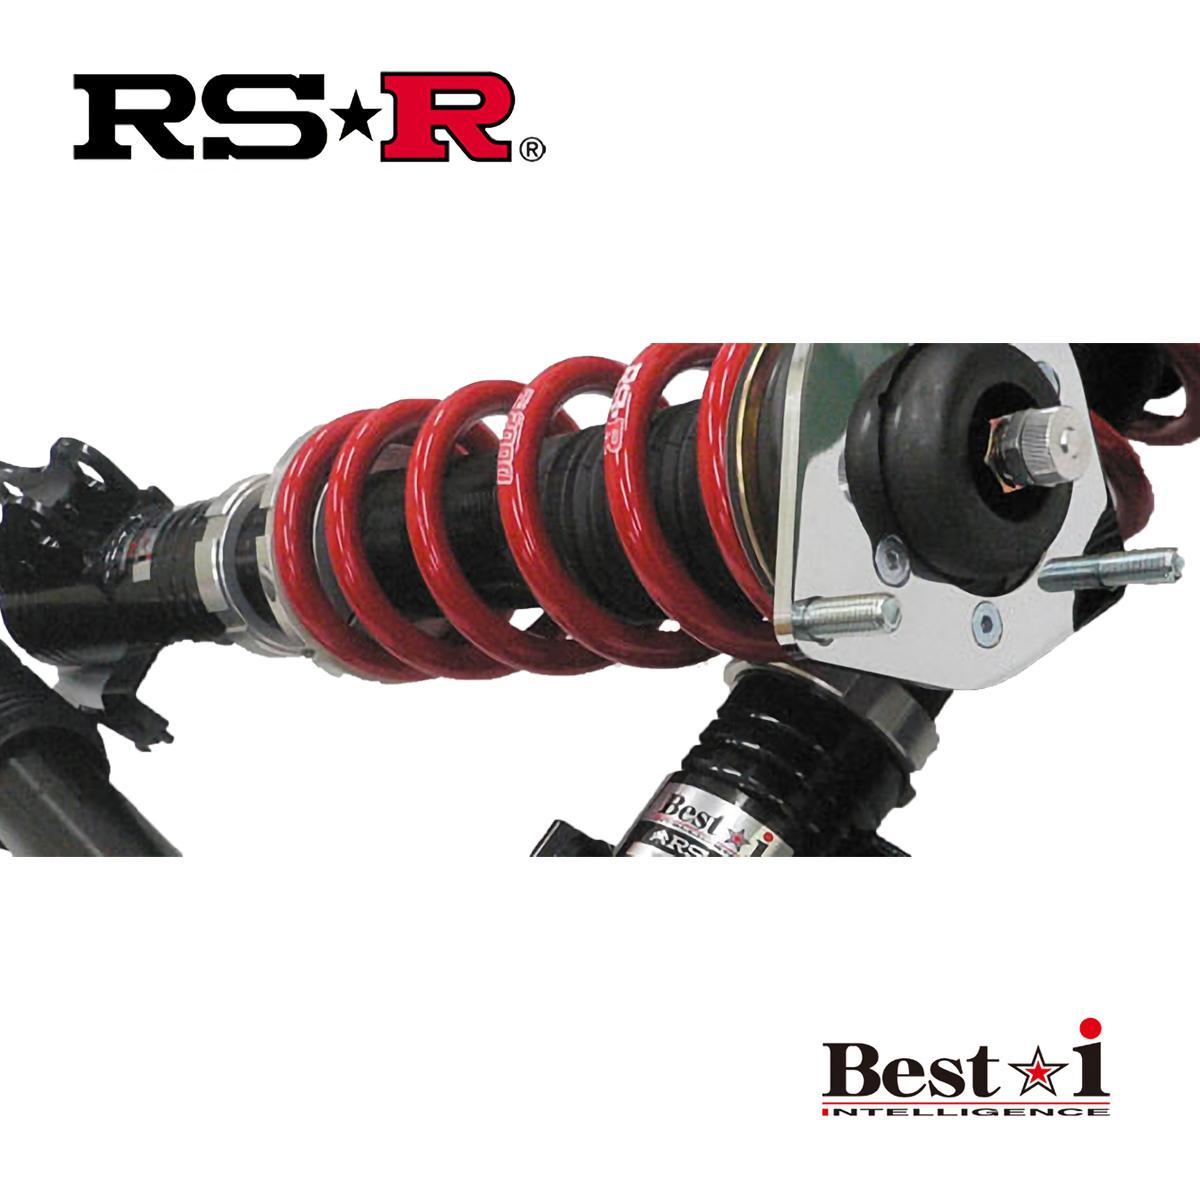 RS-R プリウス Sナビパッケージ ZVW52 車高調 リア車高調整:ネジ式/ソフトバネレート仕様 BIT583S ベストi RSR 個人宅発送追金有